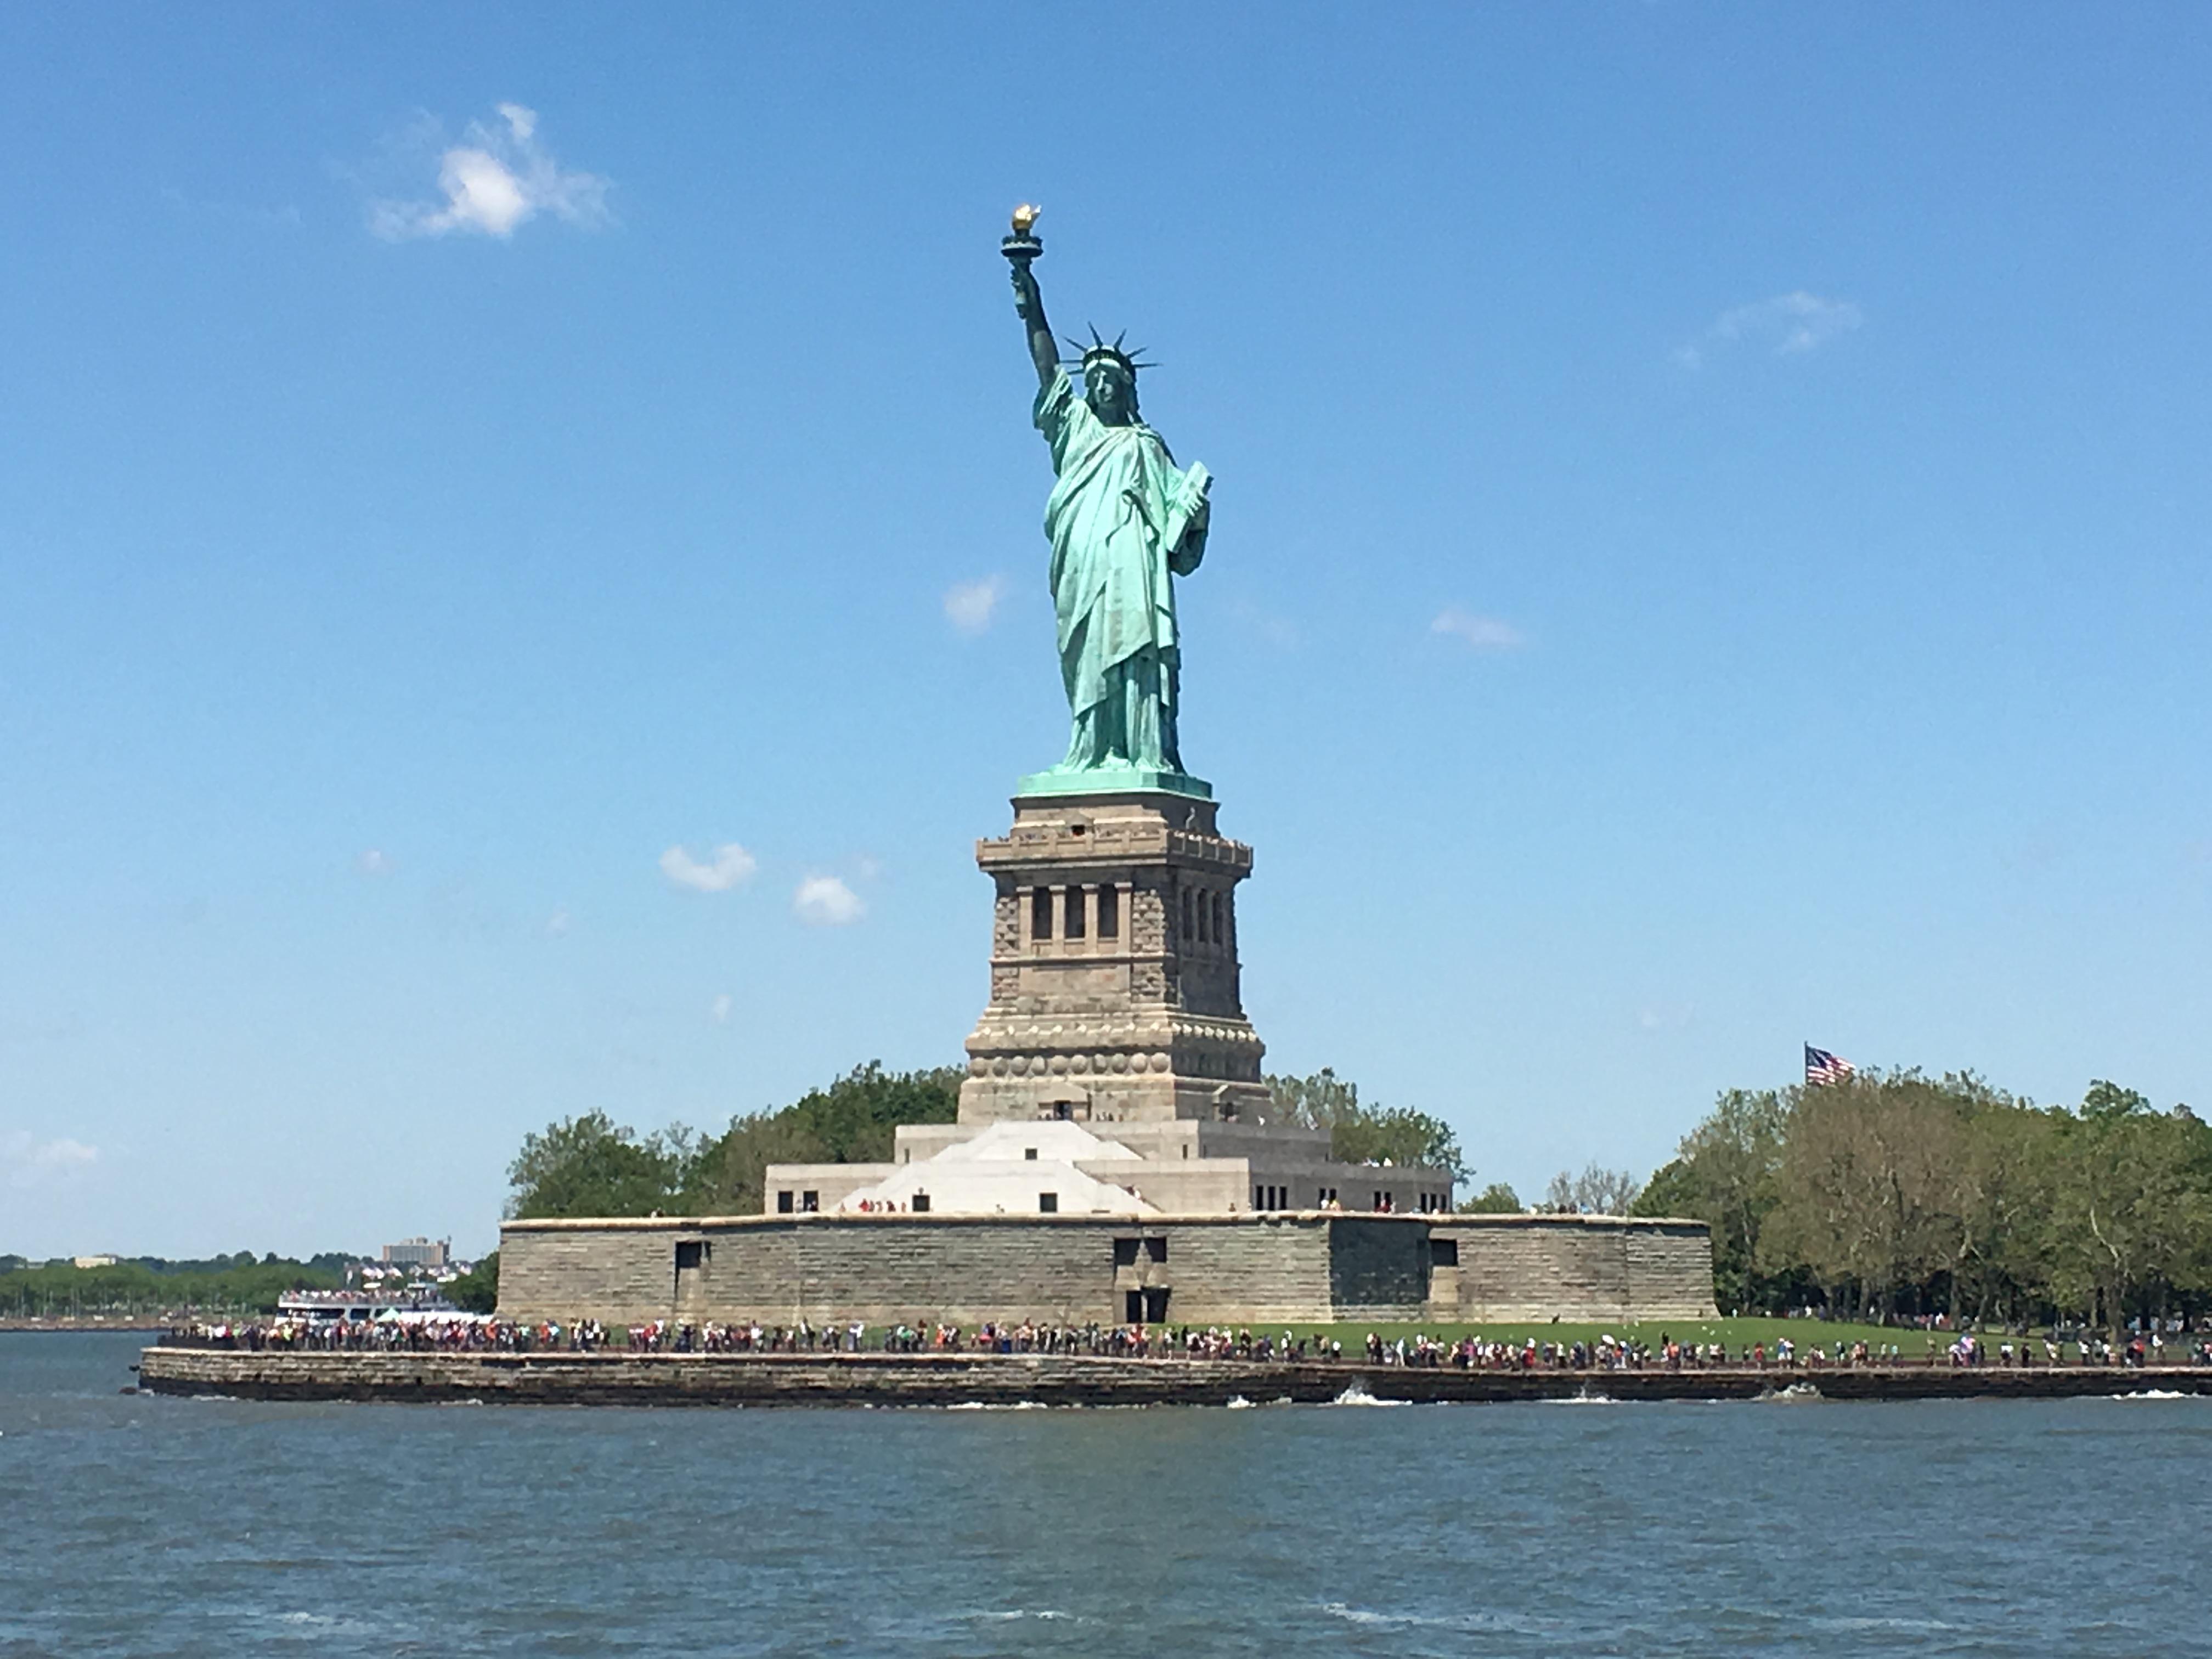 Freiheitsstatue, Statue of Liberty, New York Hafen